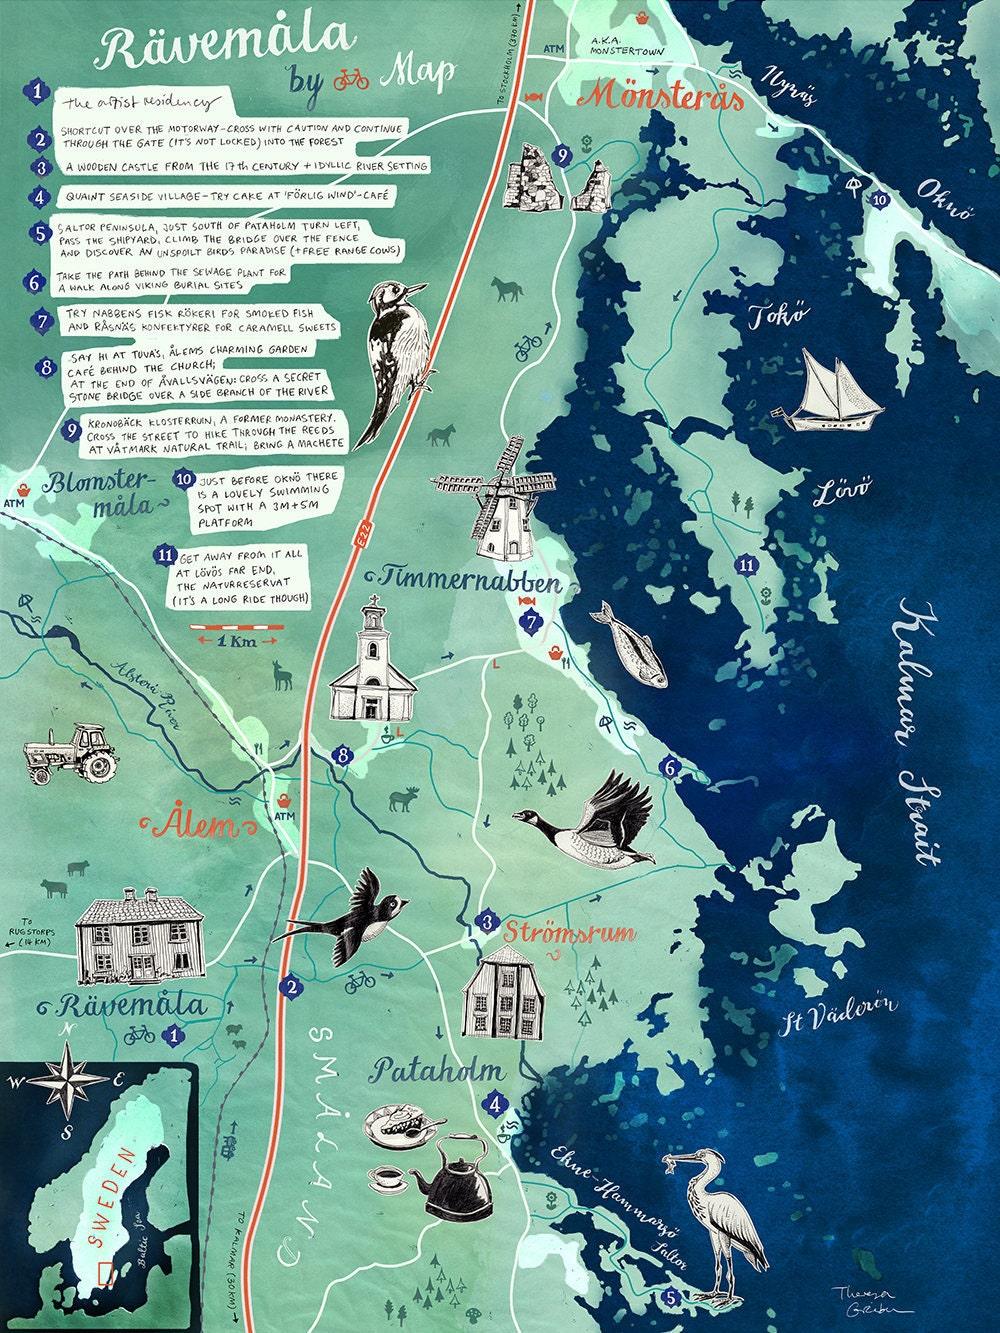 Karte Neuseeland Südinsel Zum Ausdrucken.Illustrierte Karte Rävamåla Schweden Småland Druck Schweden Poster Schweden Reise Illustration Abschiedsgeschenk Schweden Reise Souvenir